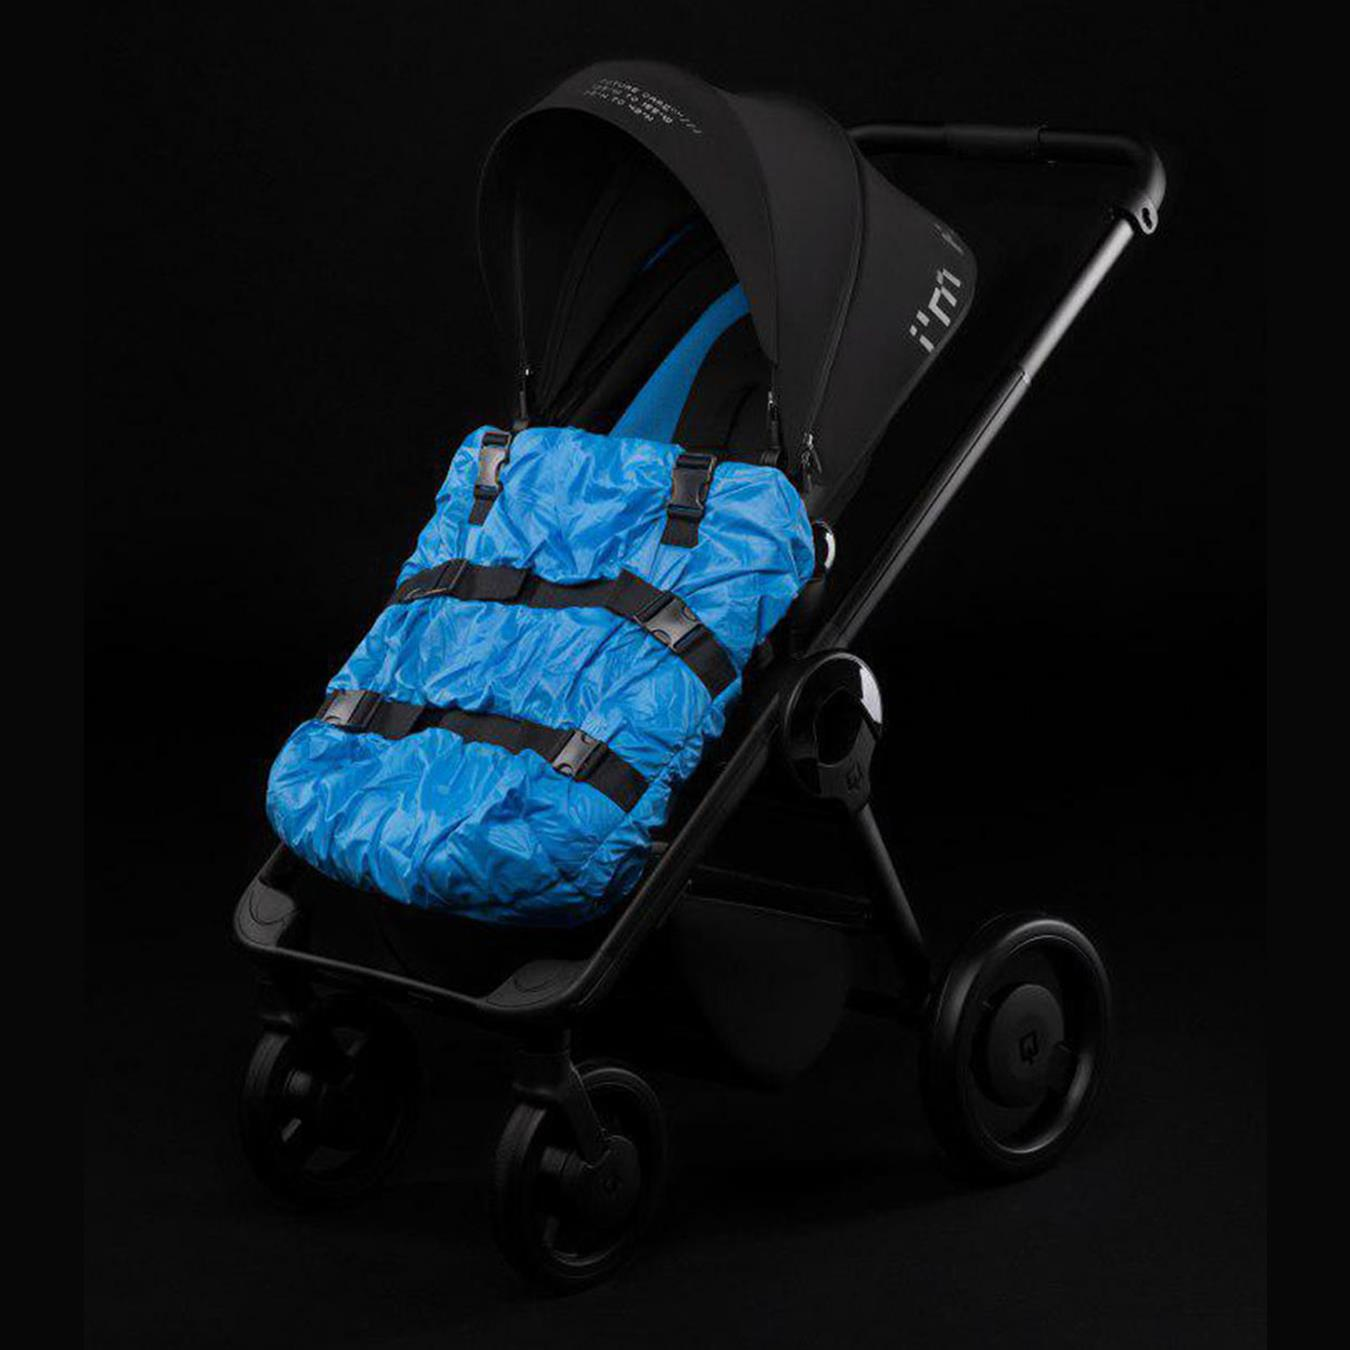 Wózek dziecięcy Anex Quant